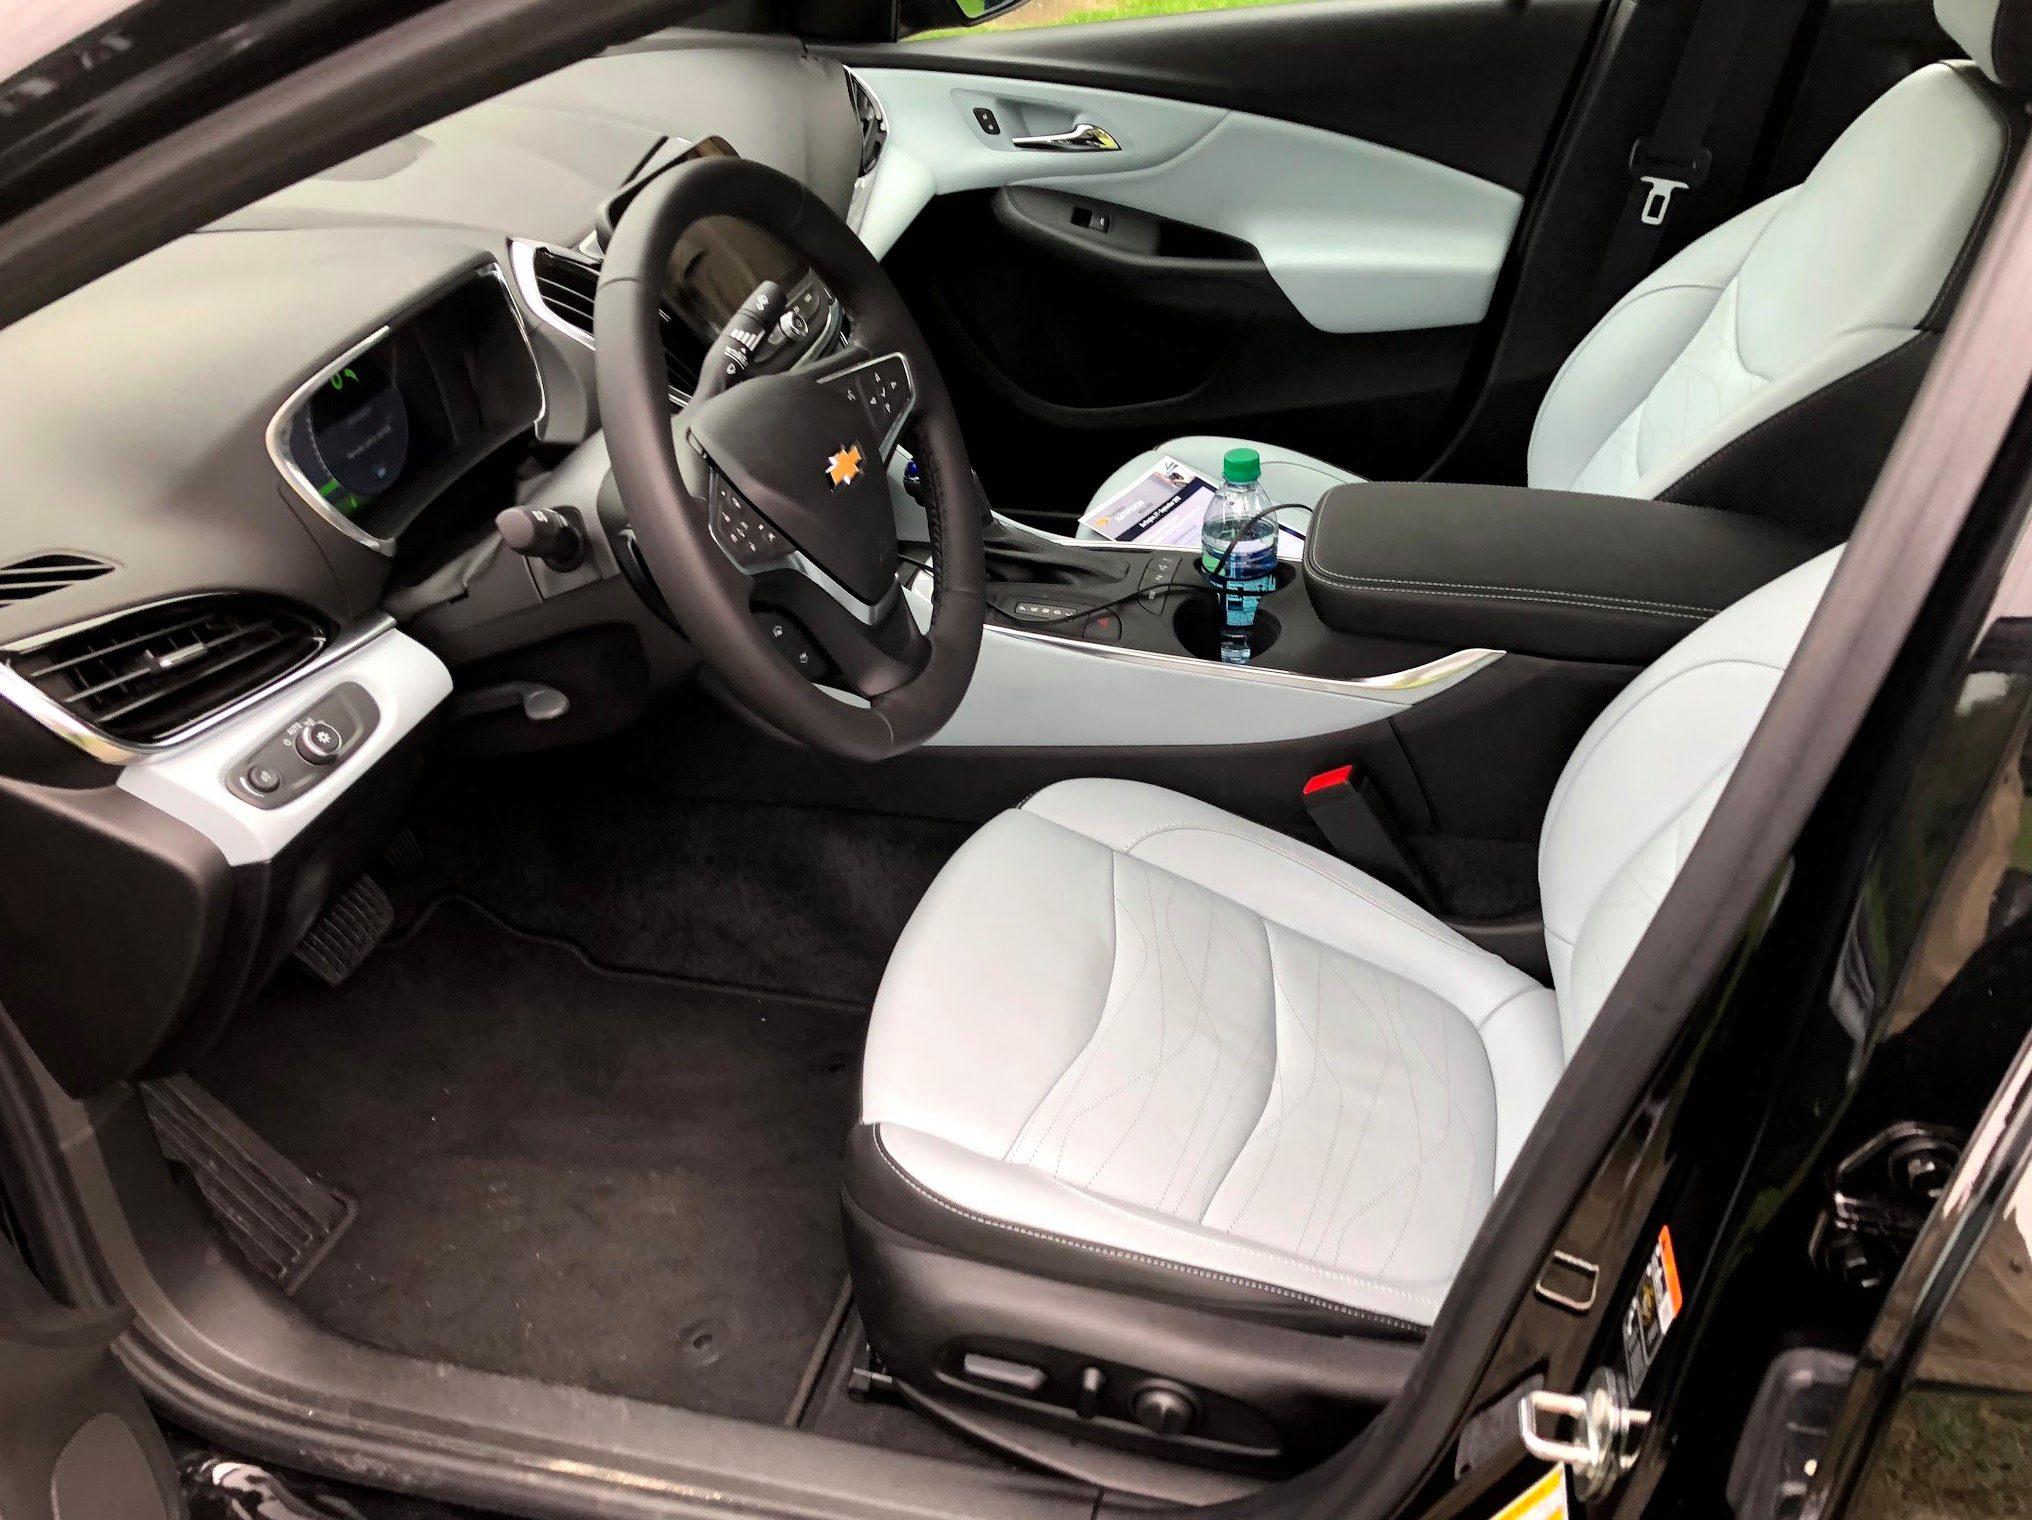 Chevy-Volt-2019-3.jpg